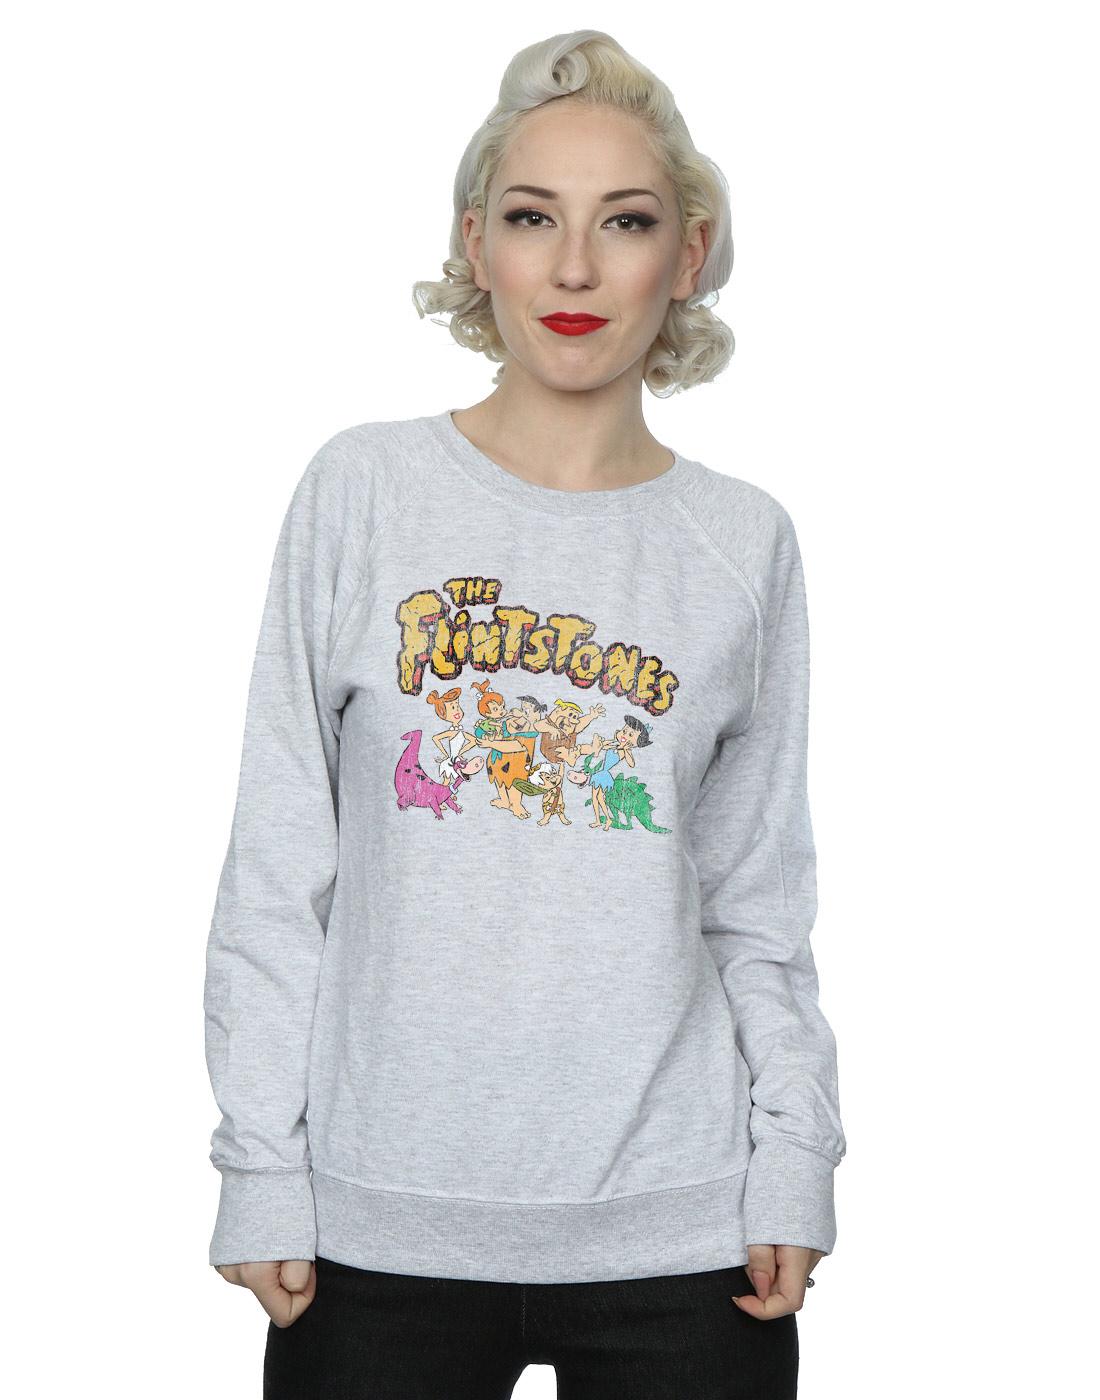 The-Flintstones-mujer-Group-Distressed-Camisa-De-Entrenamiento